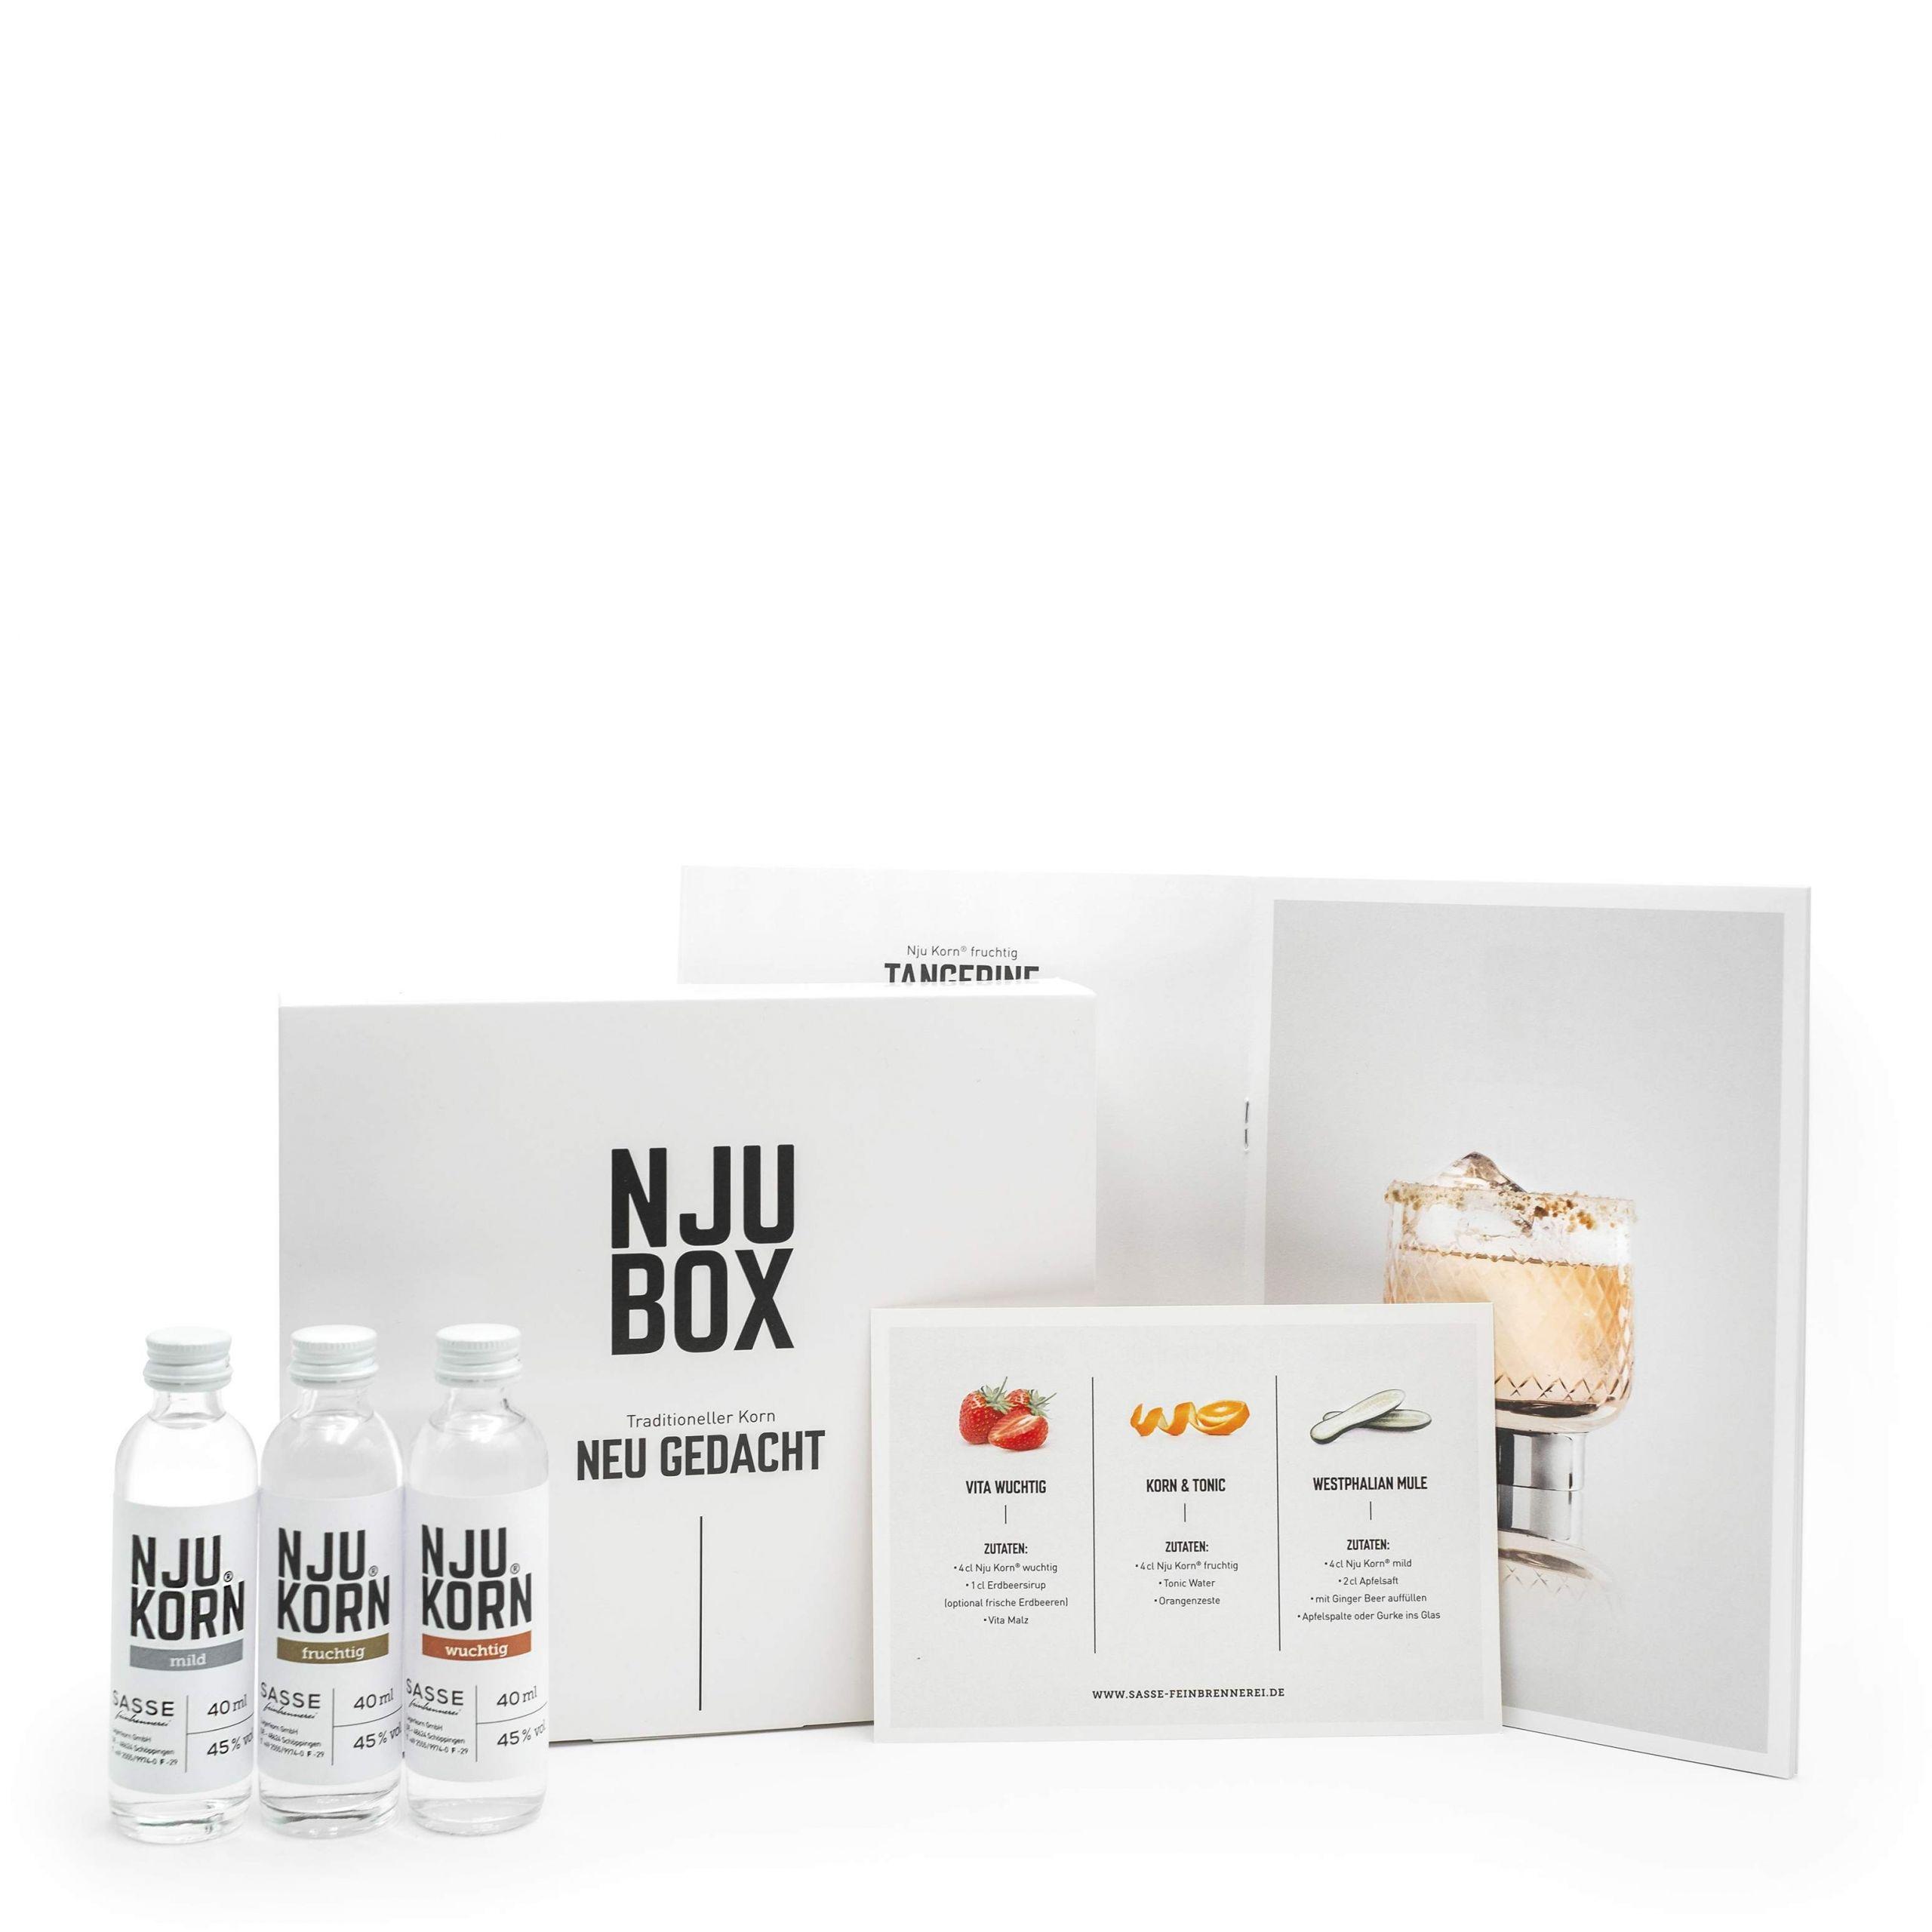 SASSE Feinbrennerei lineshop Produktbilder NJUKorn Probebox